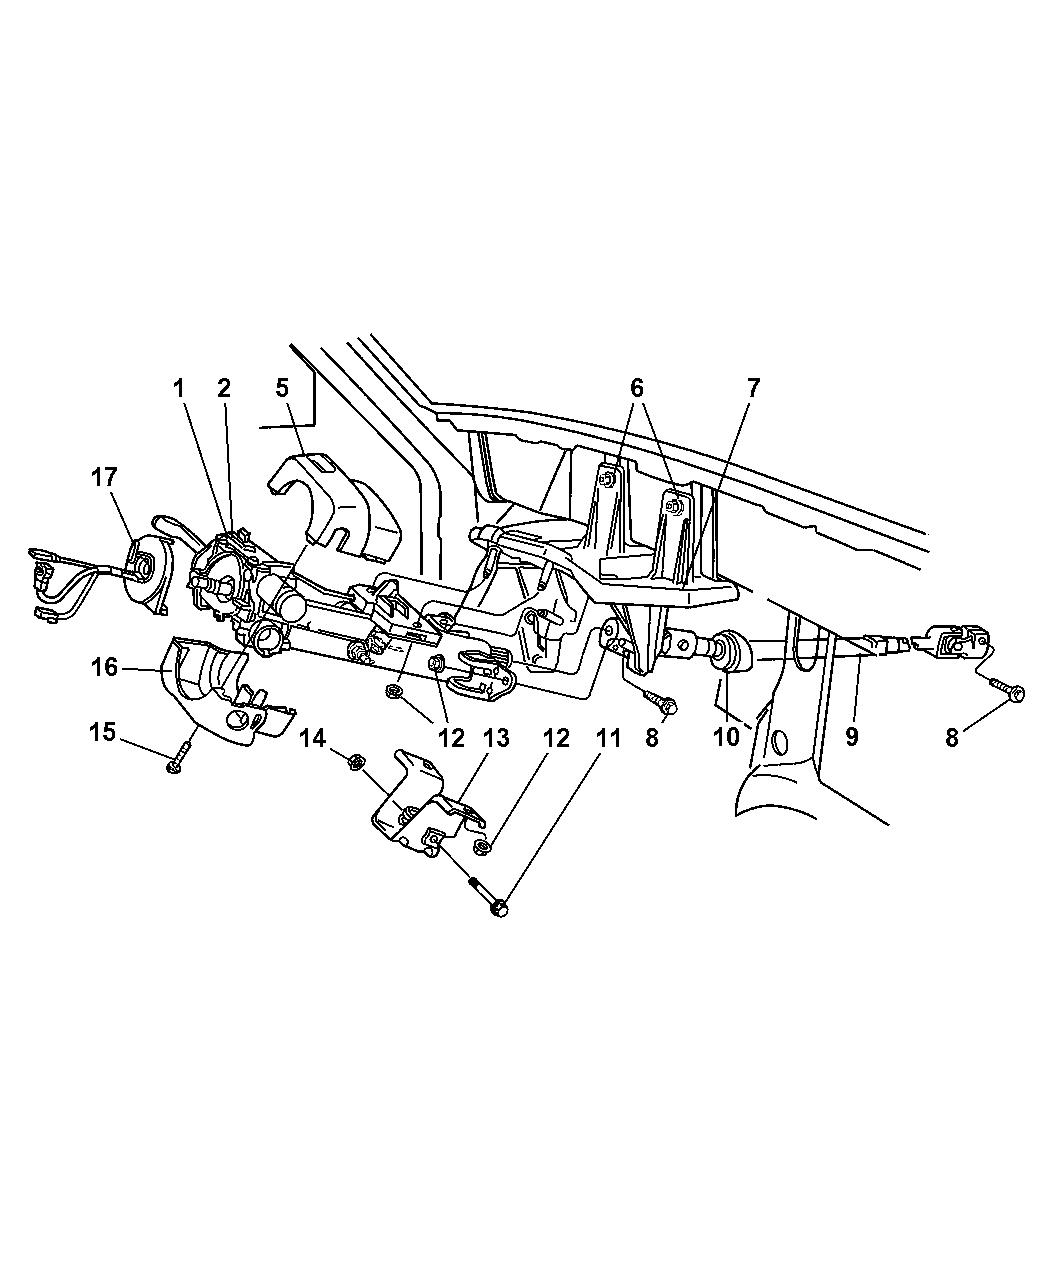 1997 Jeep Cherokee Column, Steering, Upper & Lower